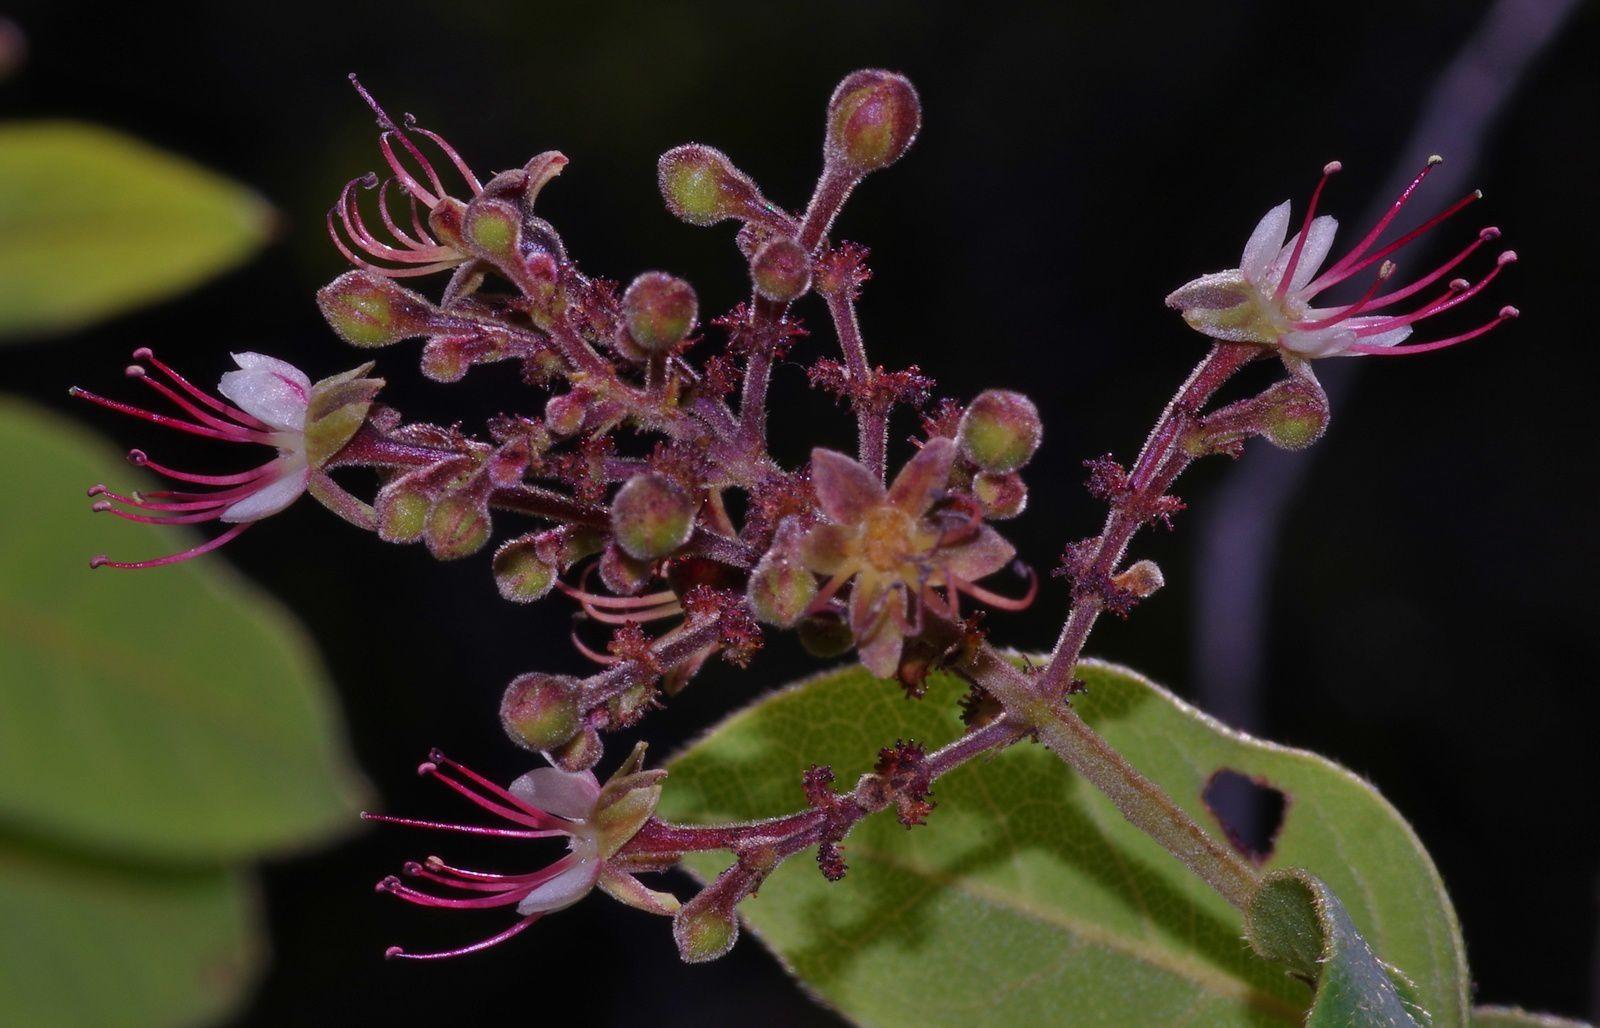 Hirtella ciliata